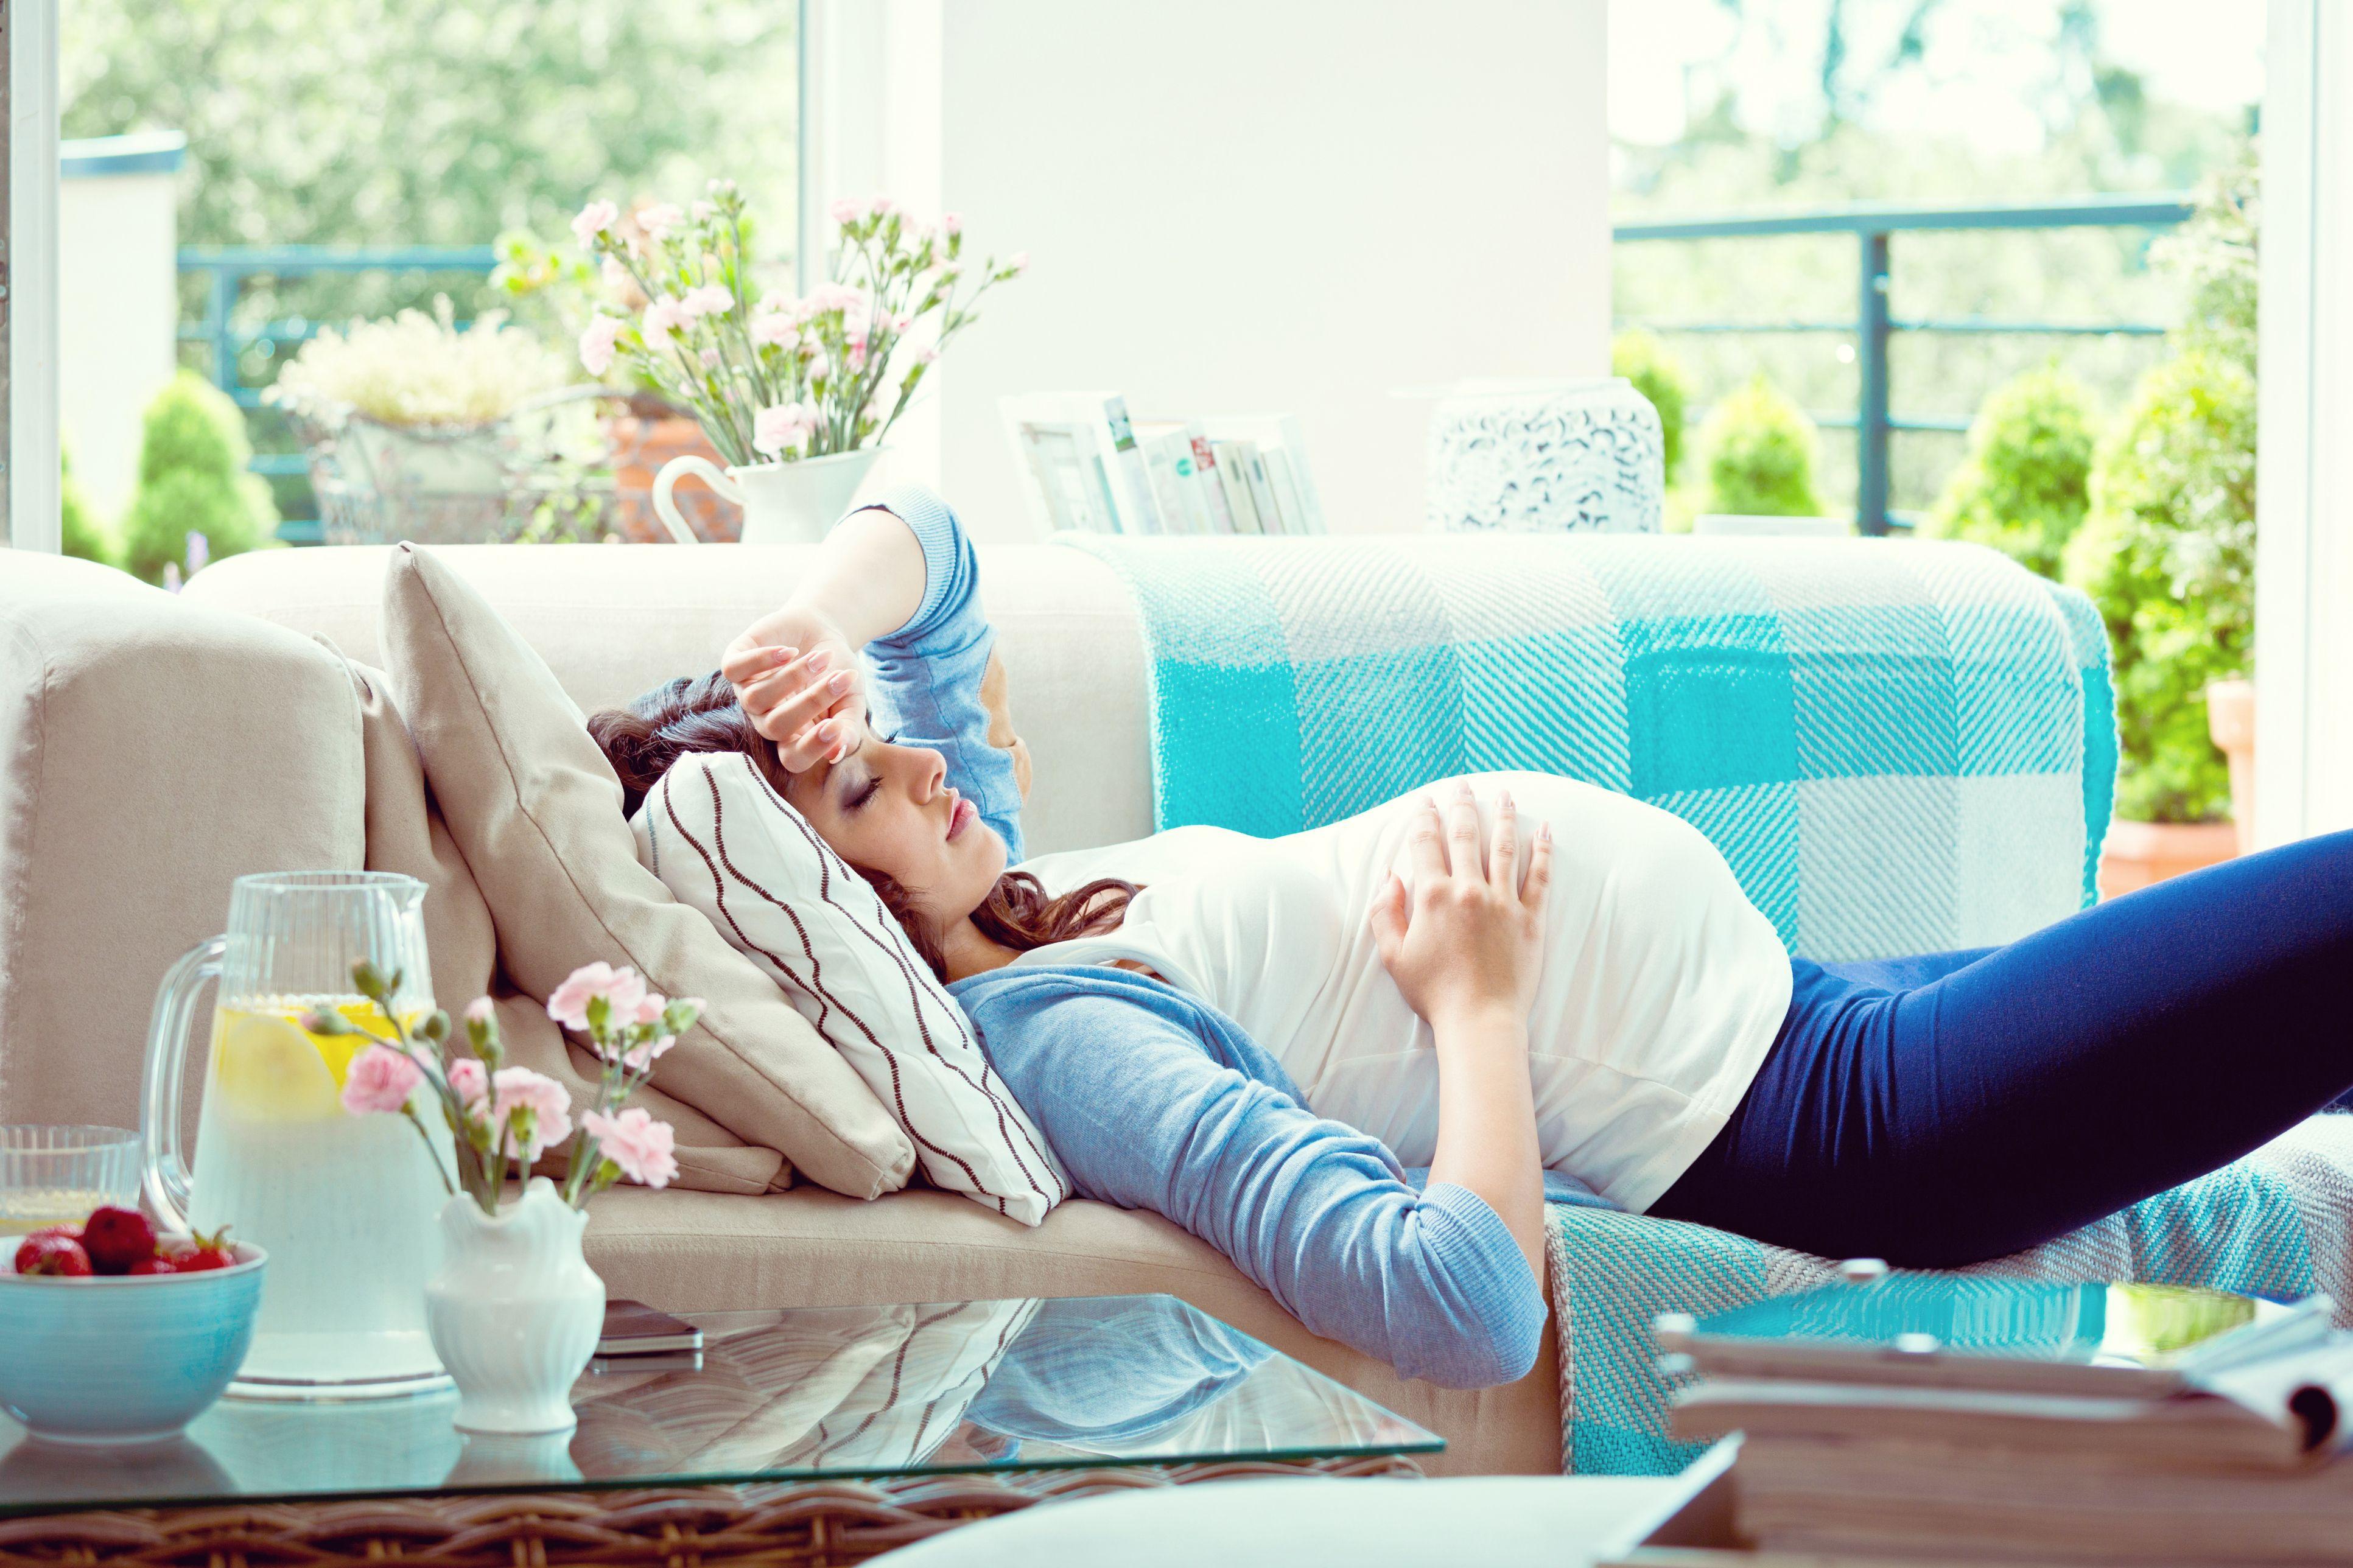 Tos seca en el primer mes de embarazo